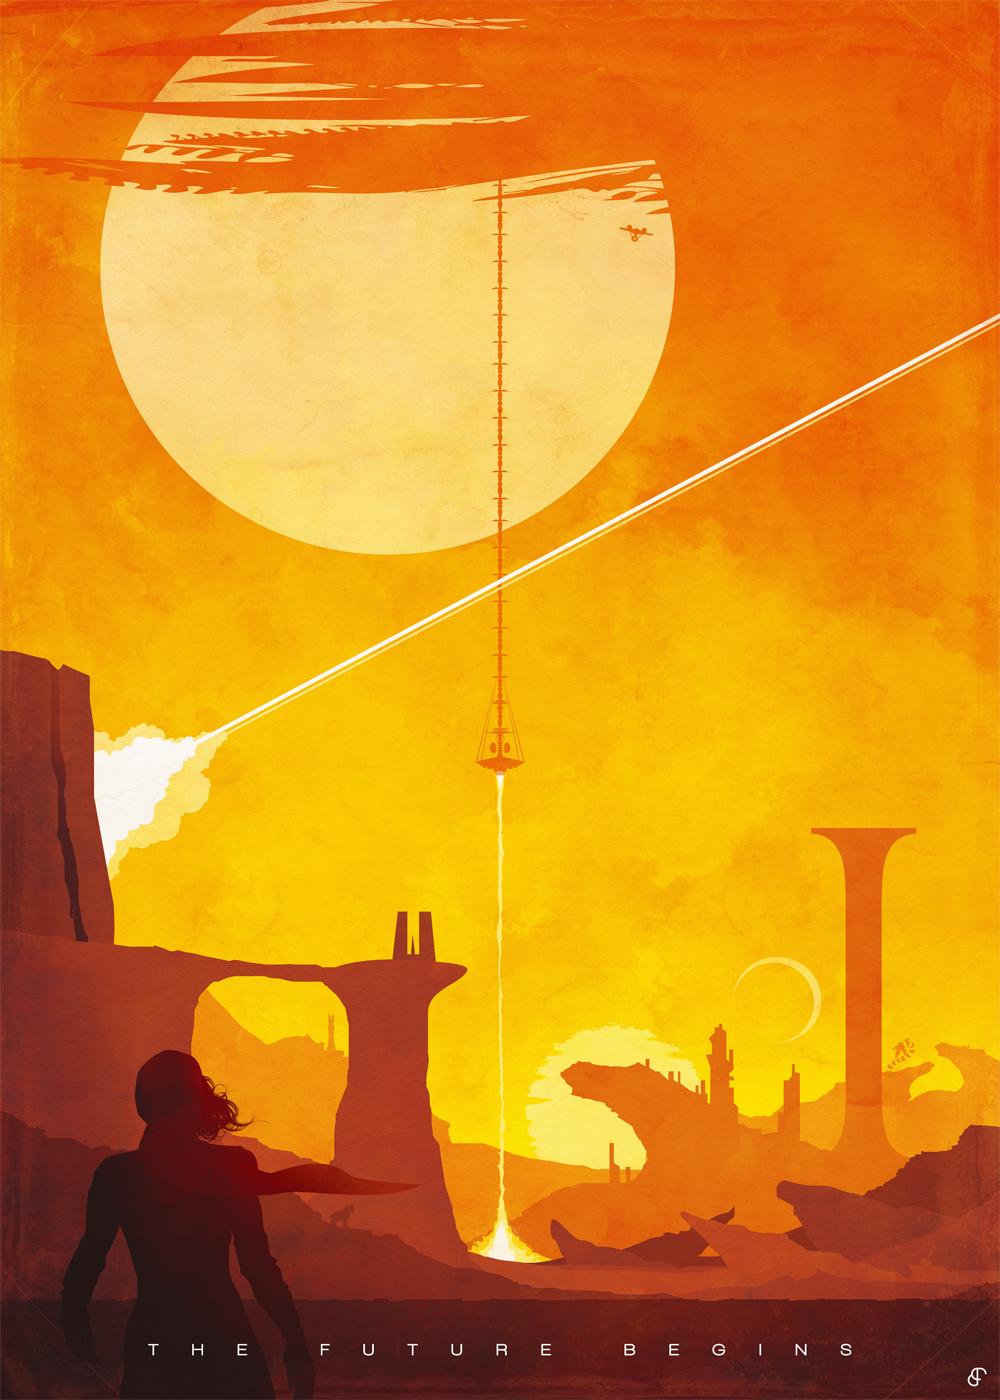 star_trek_the_future_begins_by_barbarianfactory-d69ugee.jpg